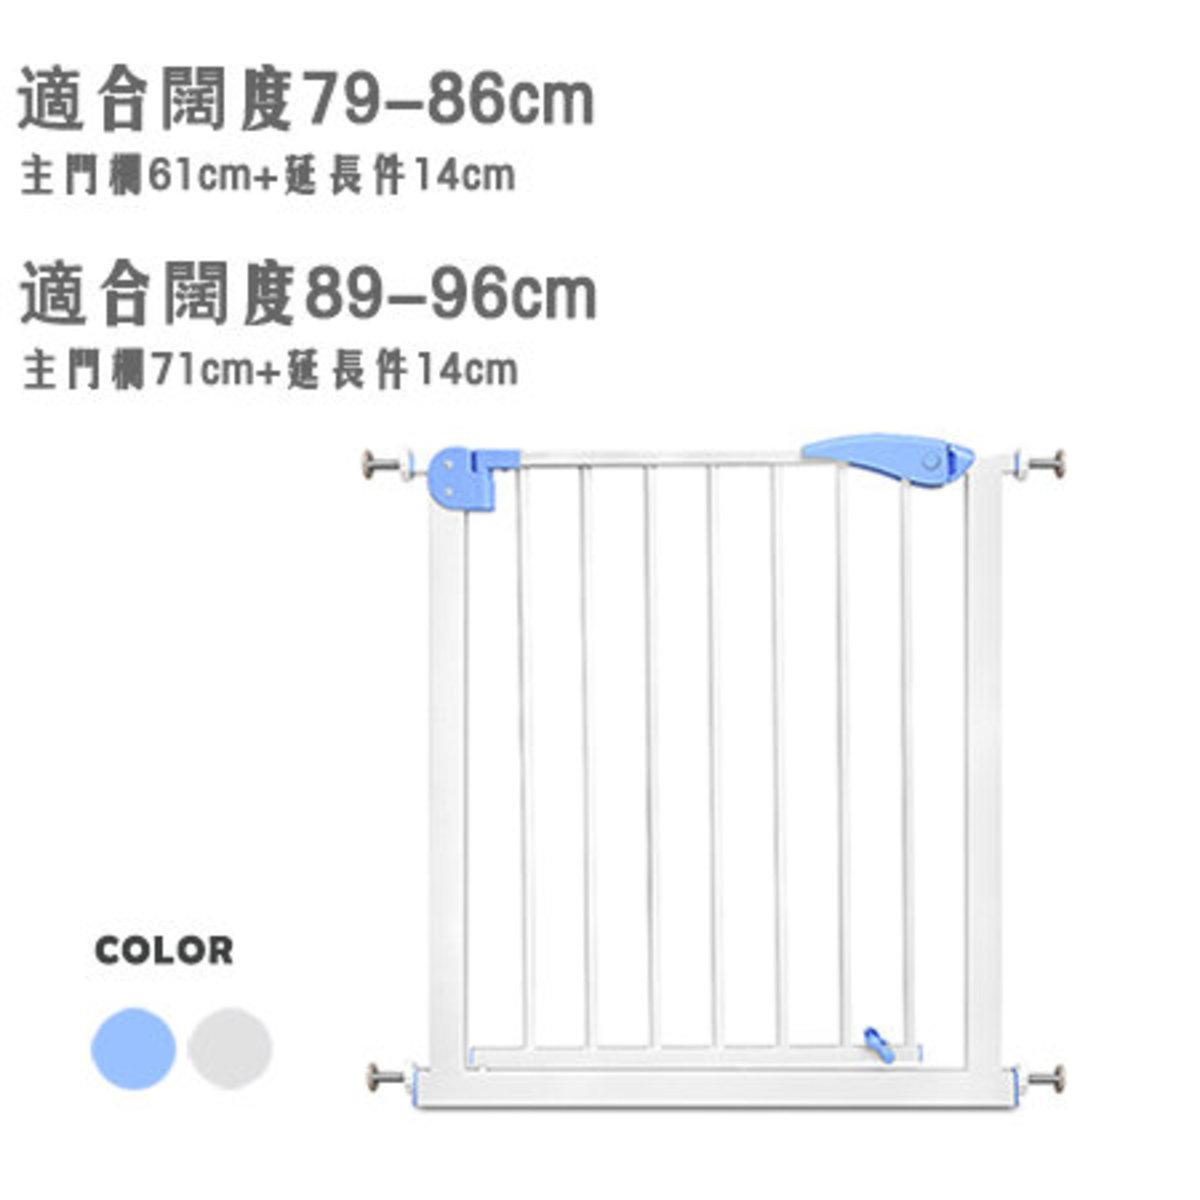 兒童安全防護門欄連延長件 61+14cm (灰色) RG861-02-14